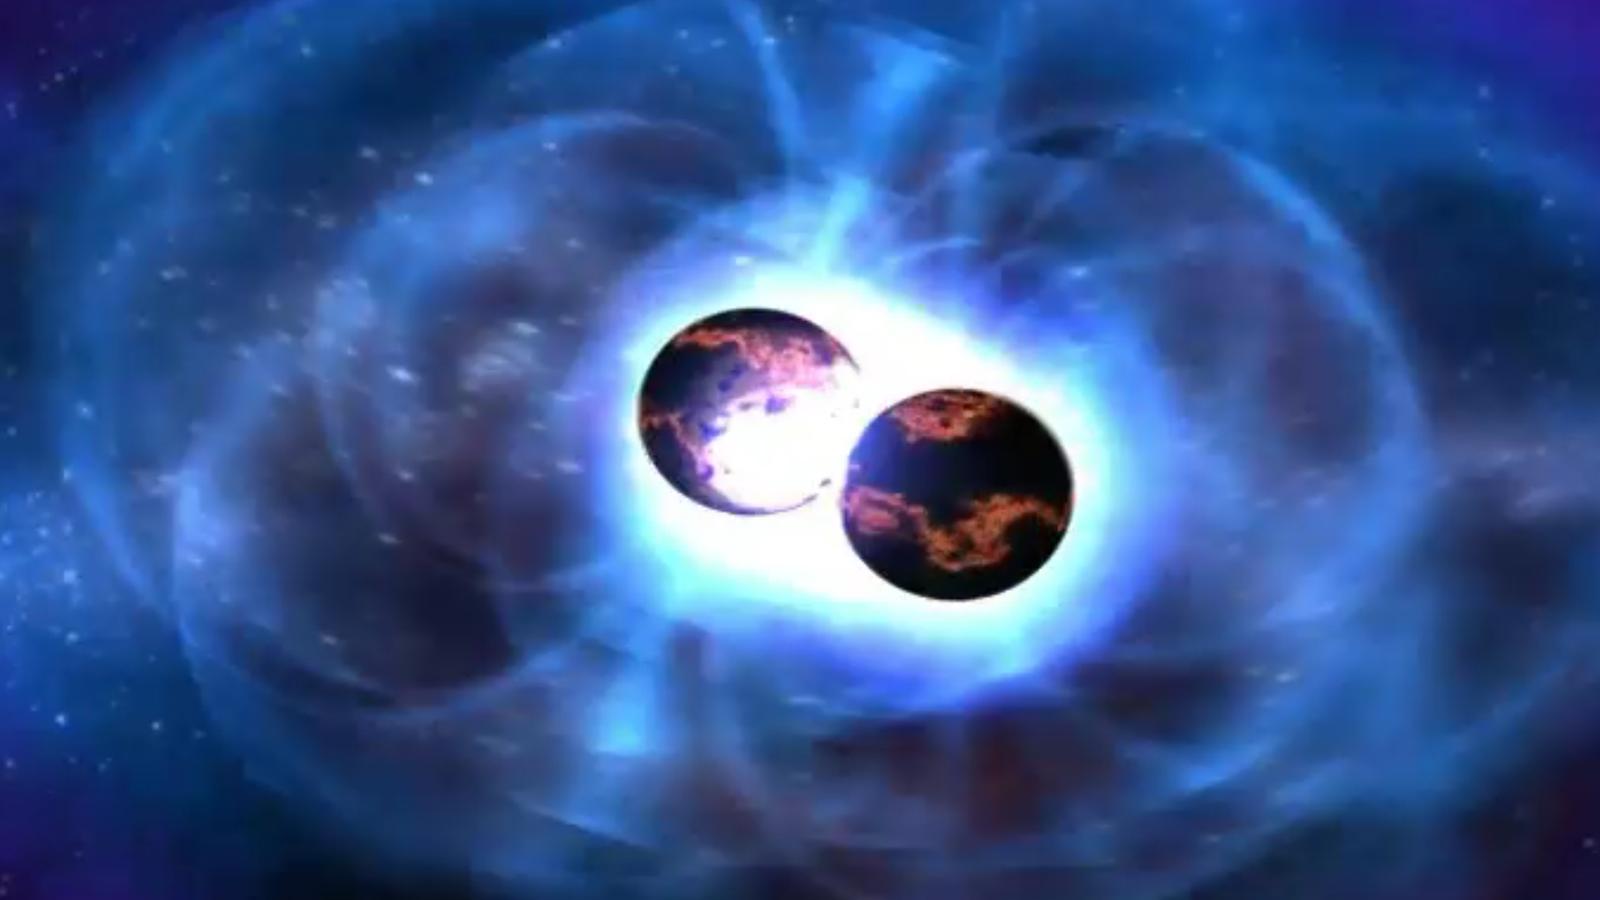 Moment de la fusió d'estrelles de neutrons obre una nova època de l'astronomia